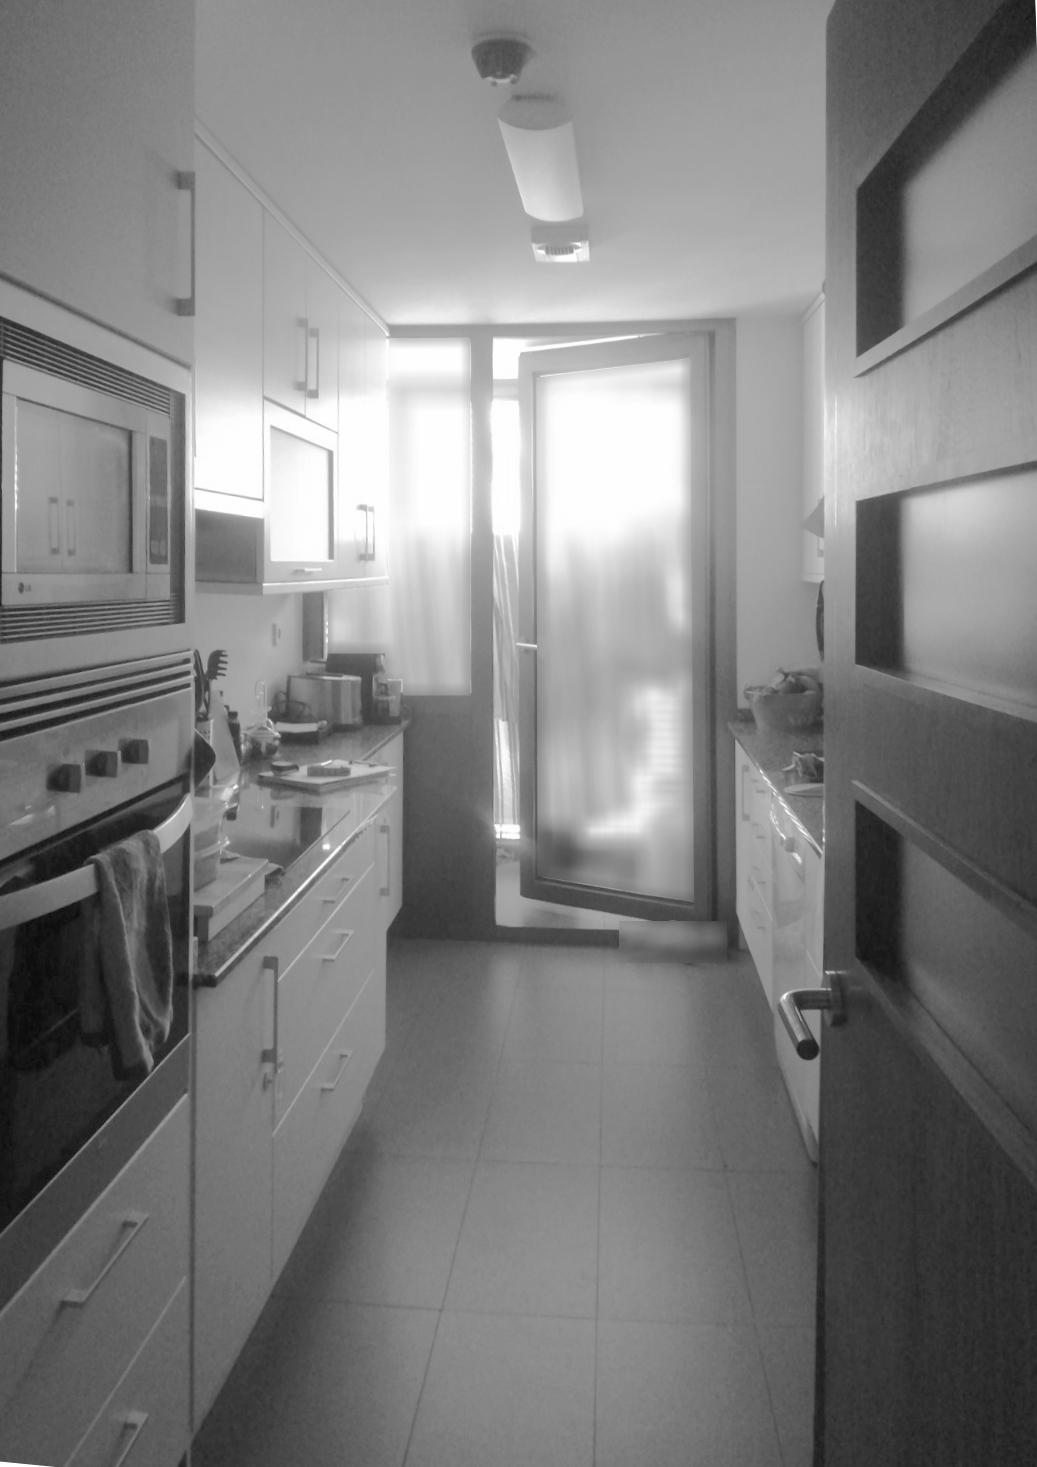 Reforma y amueblamiento slow emmme studio cocina Marisol Sanchinarro - 04 - SM.jpg